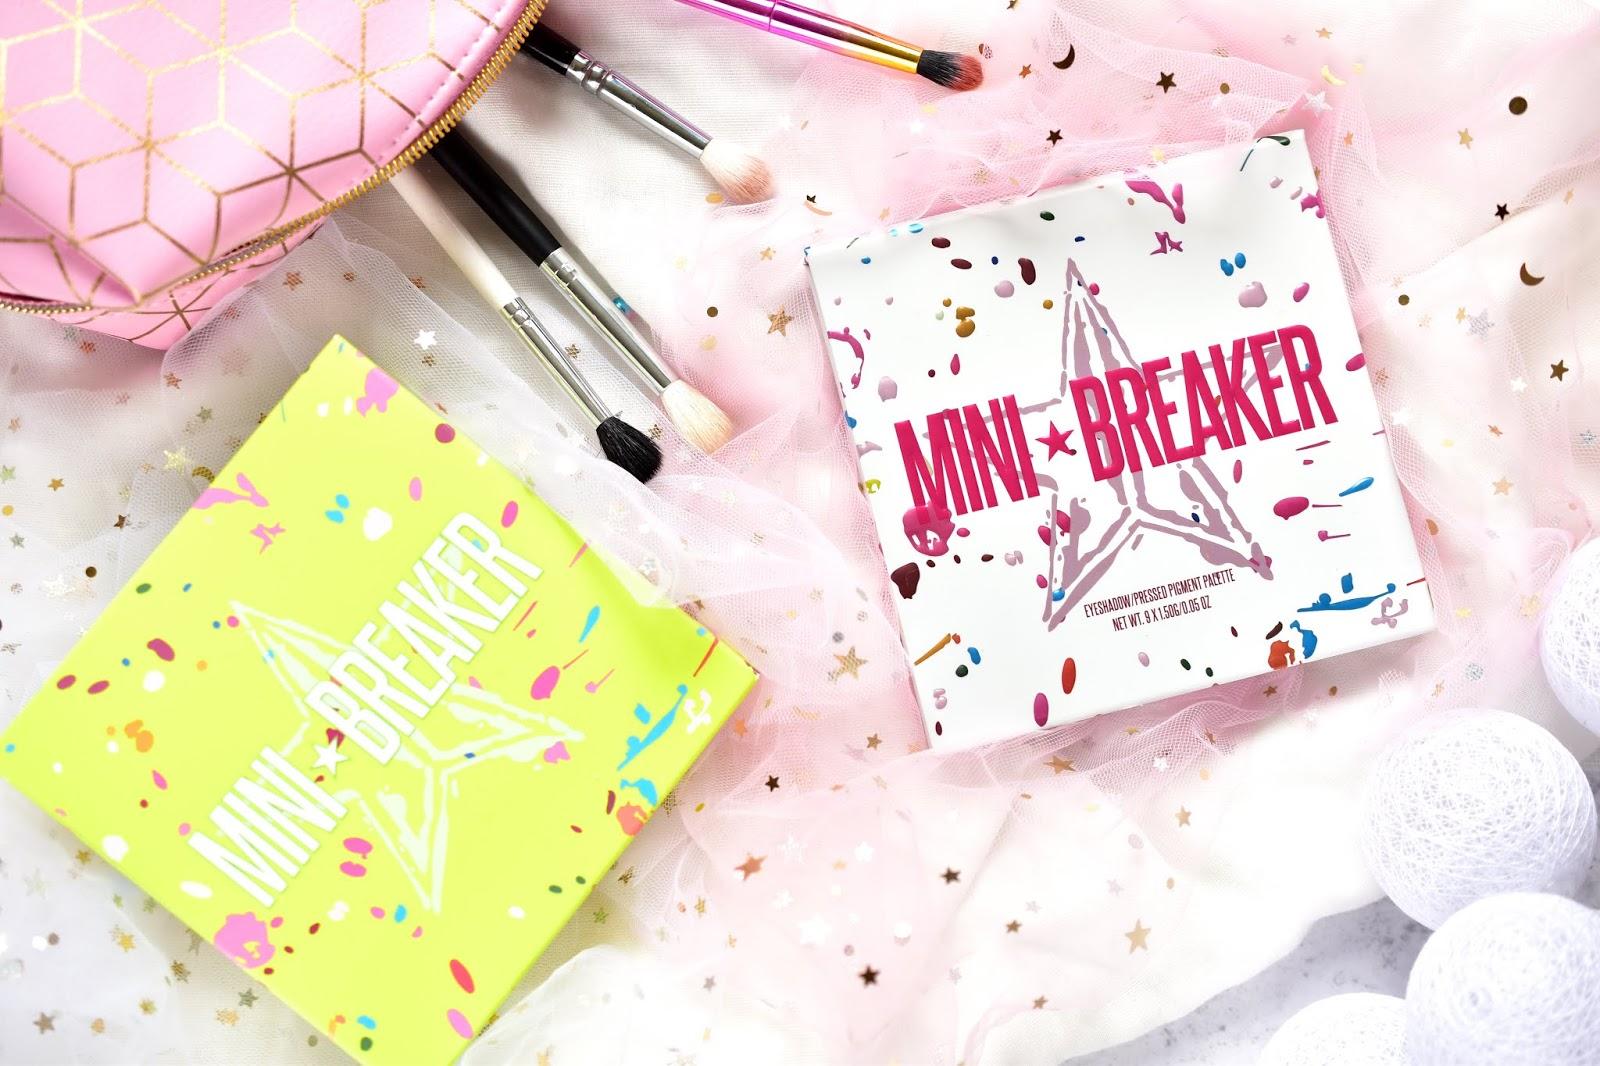 Mini Breaker